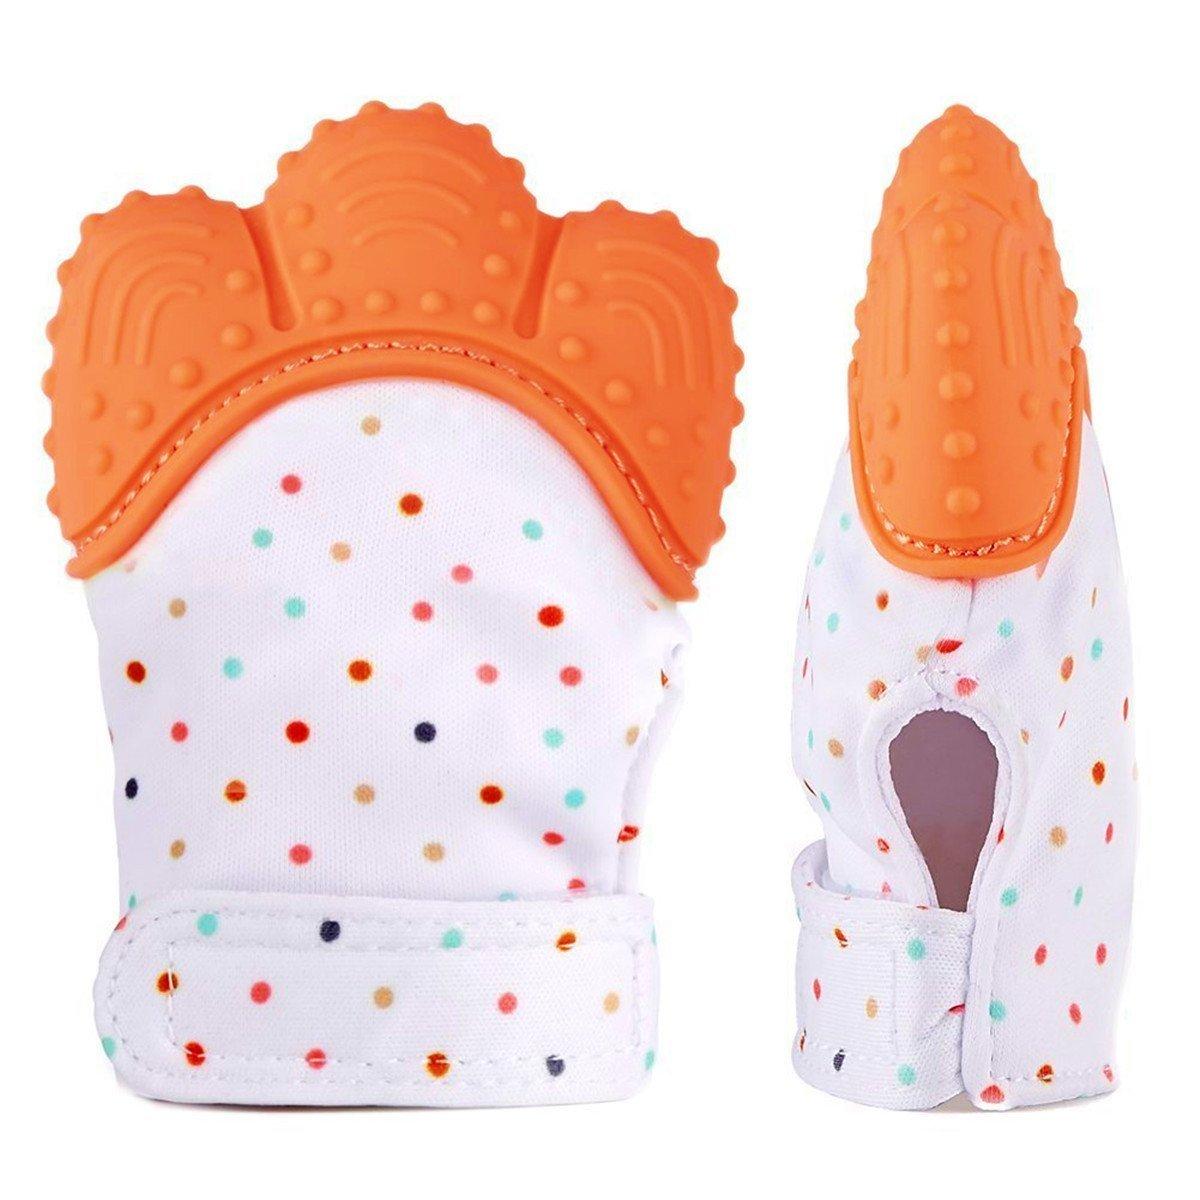 【返品?交換対象商品】 MyBabyLove Teething Teething Mitten MyBabyLove、ベビー歯ブラシ手袋、自己癒しのTeether&赤ちゃん100%の食品グレードBPAフリー - - 年齢3-12月(オレンジ)のためのぬいぐるみの救済玩具 B079DG1S6K, キャニオンプラザ:82f54dcf --- a0267596.xsph.ru